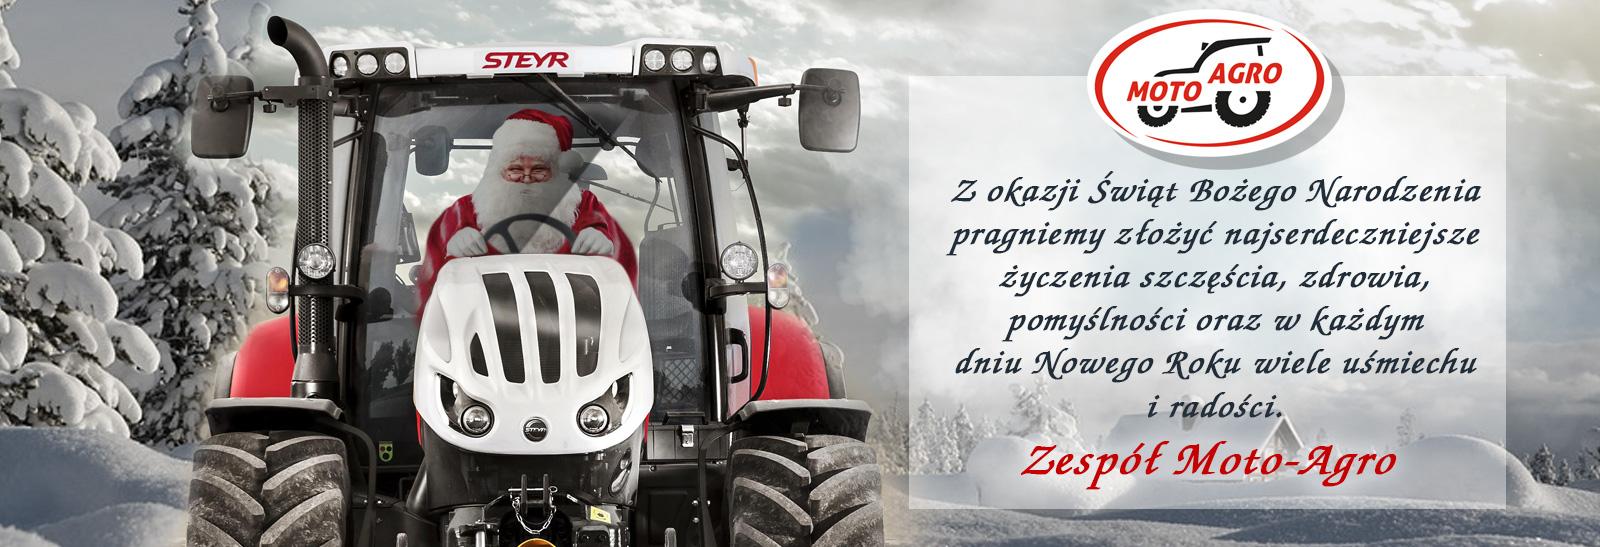 Życzenia świąteczne Moto-Agro